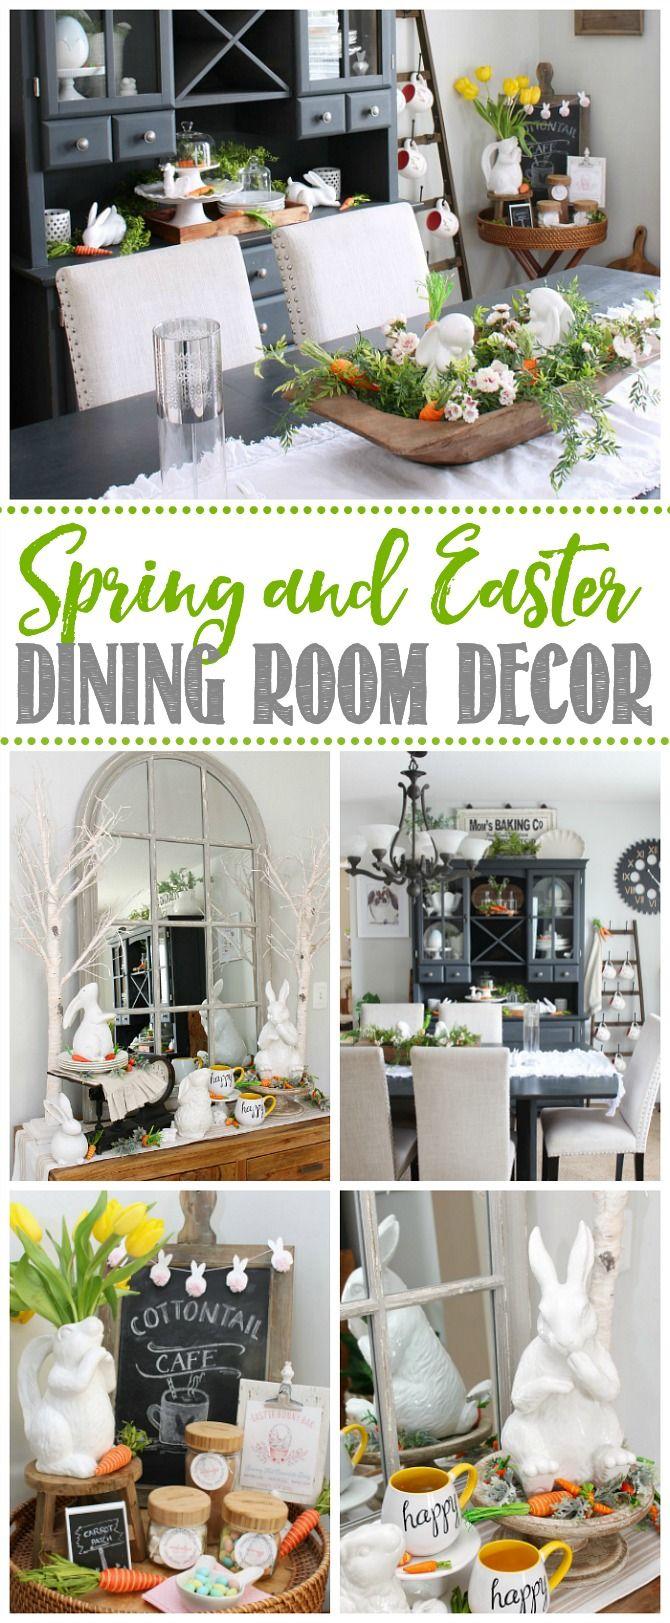 spring dining room decor crafting chicks community board rh pinterest com